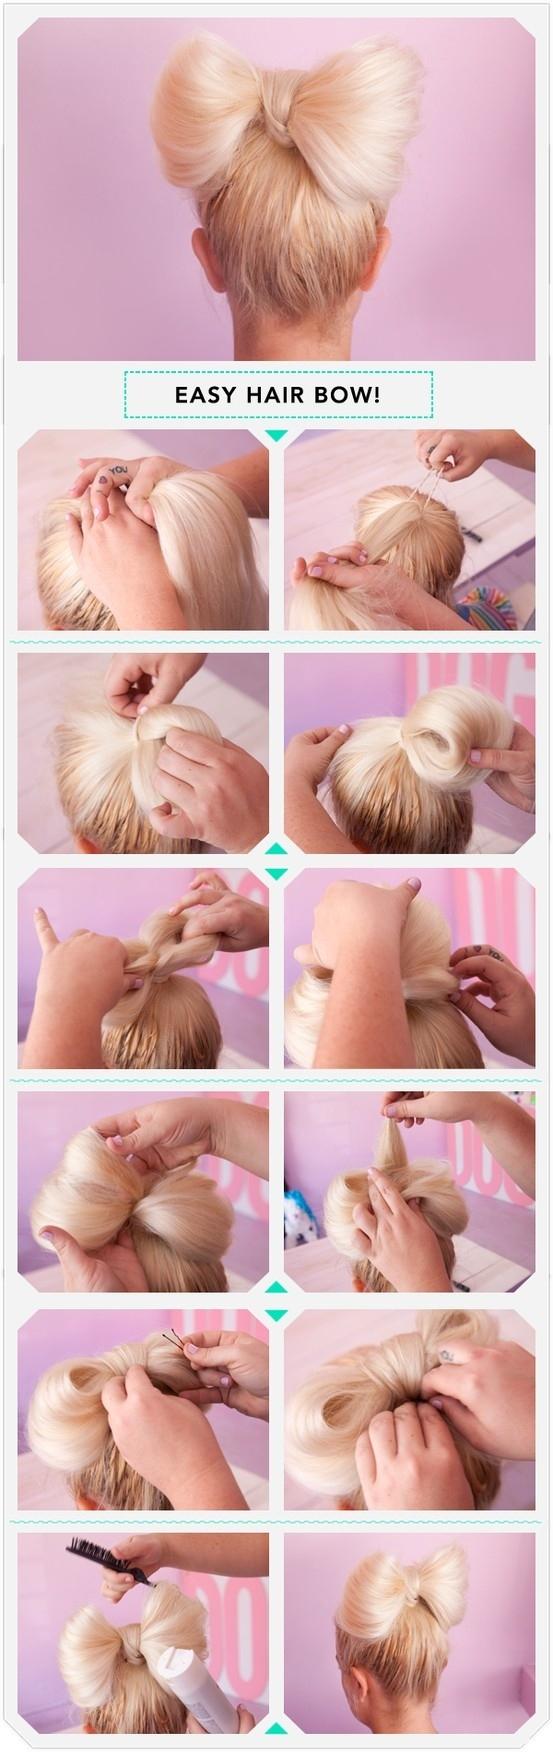 The Giant Hair Bow